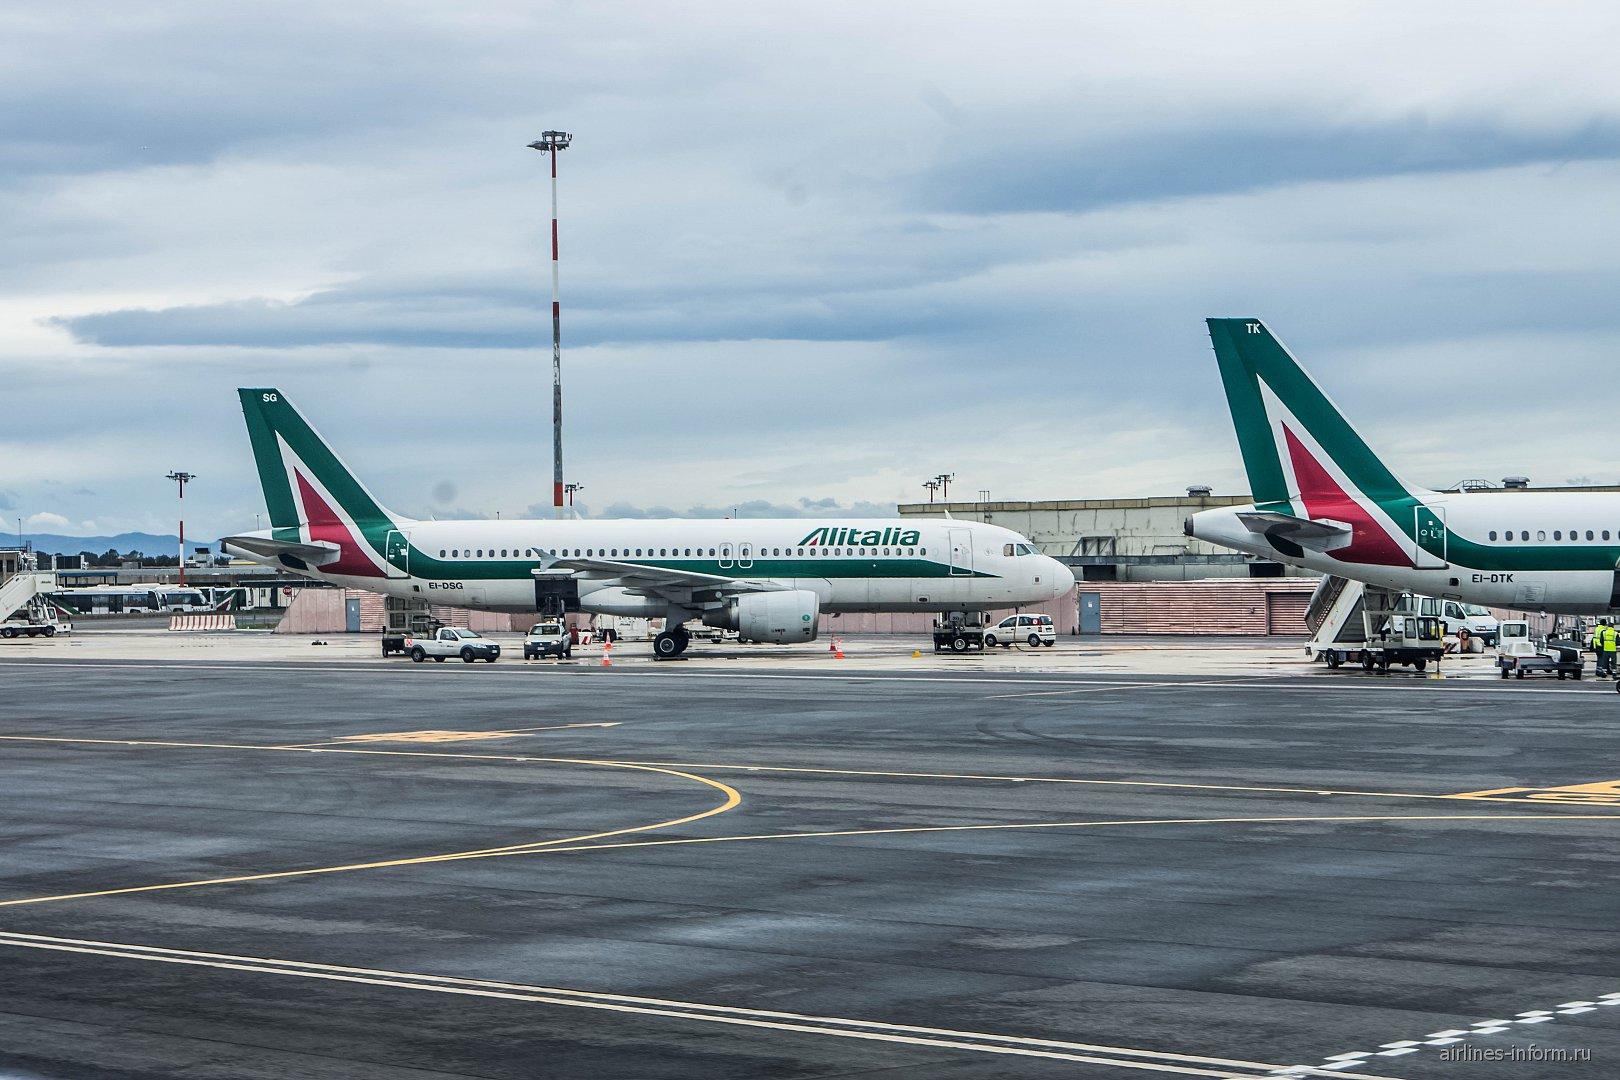 Airbus A320 ������������ Alitalia � ��������� ��� ���������